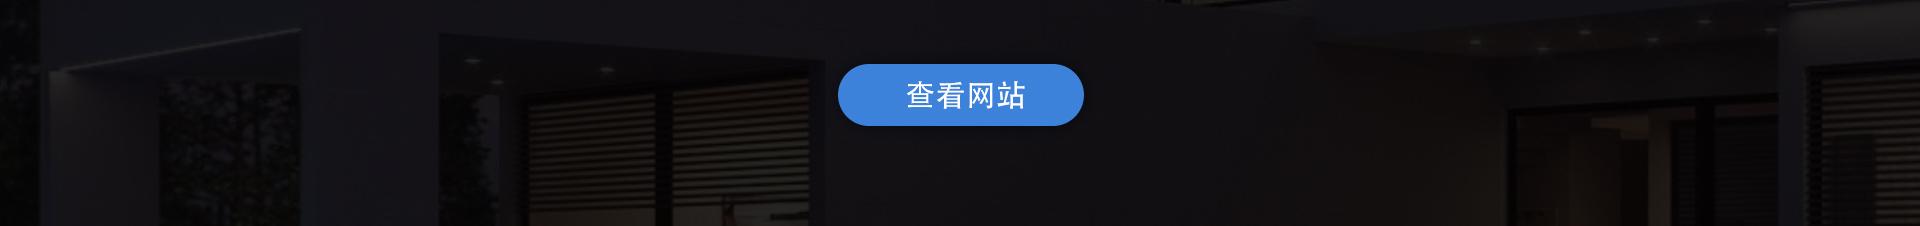 宁波飞色-葛海松-云企案例设计简介-solax_02